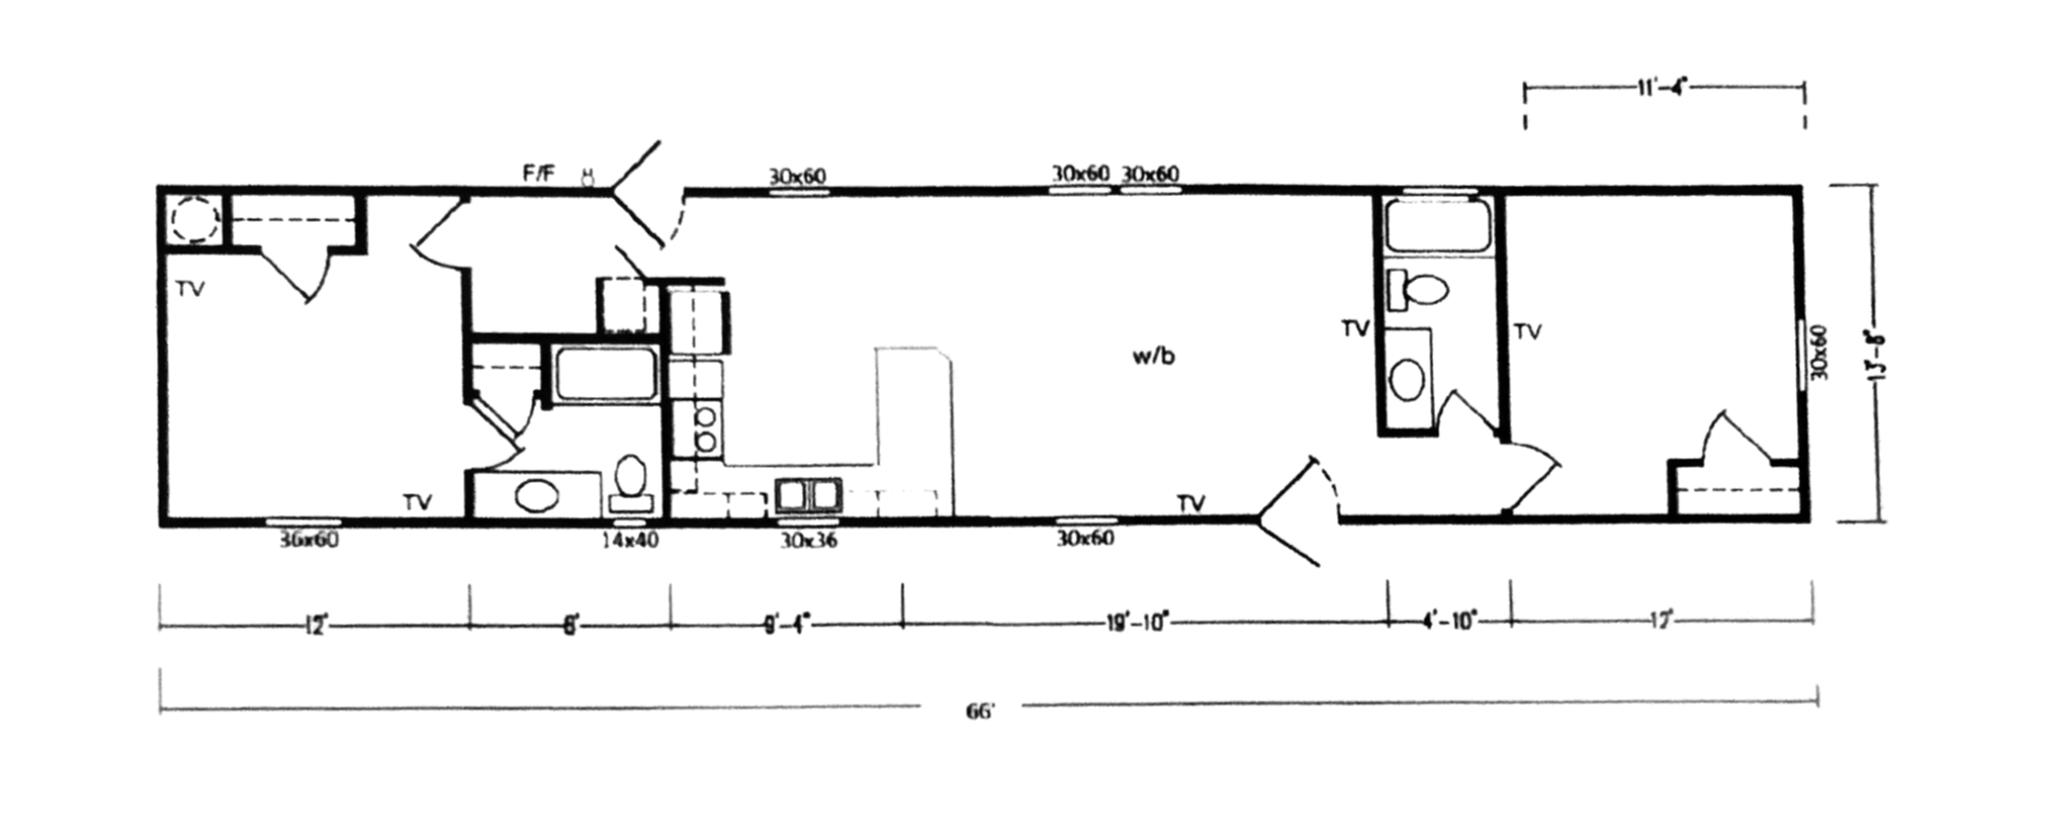 LOT 28 Floor Plan.png